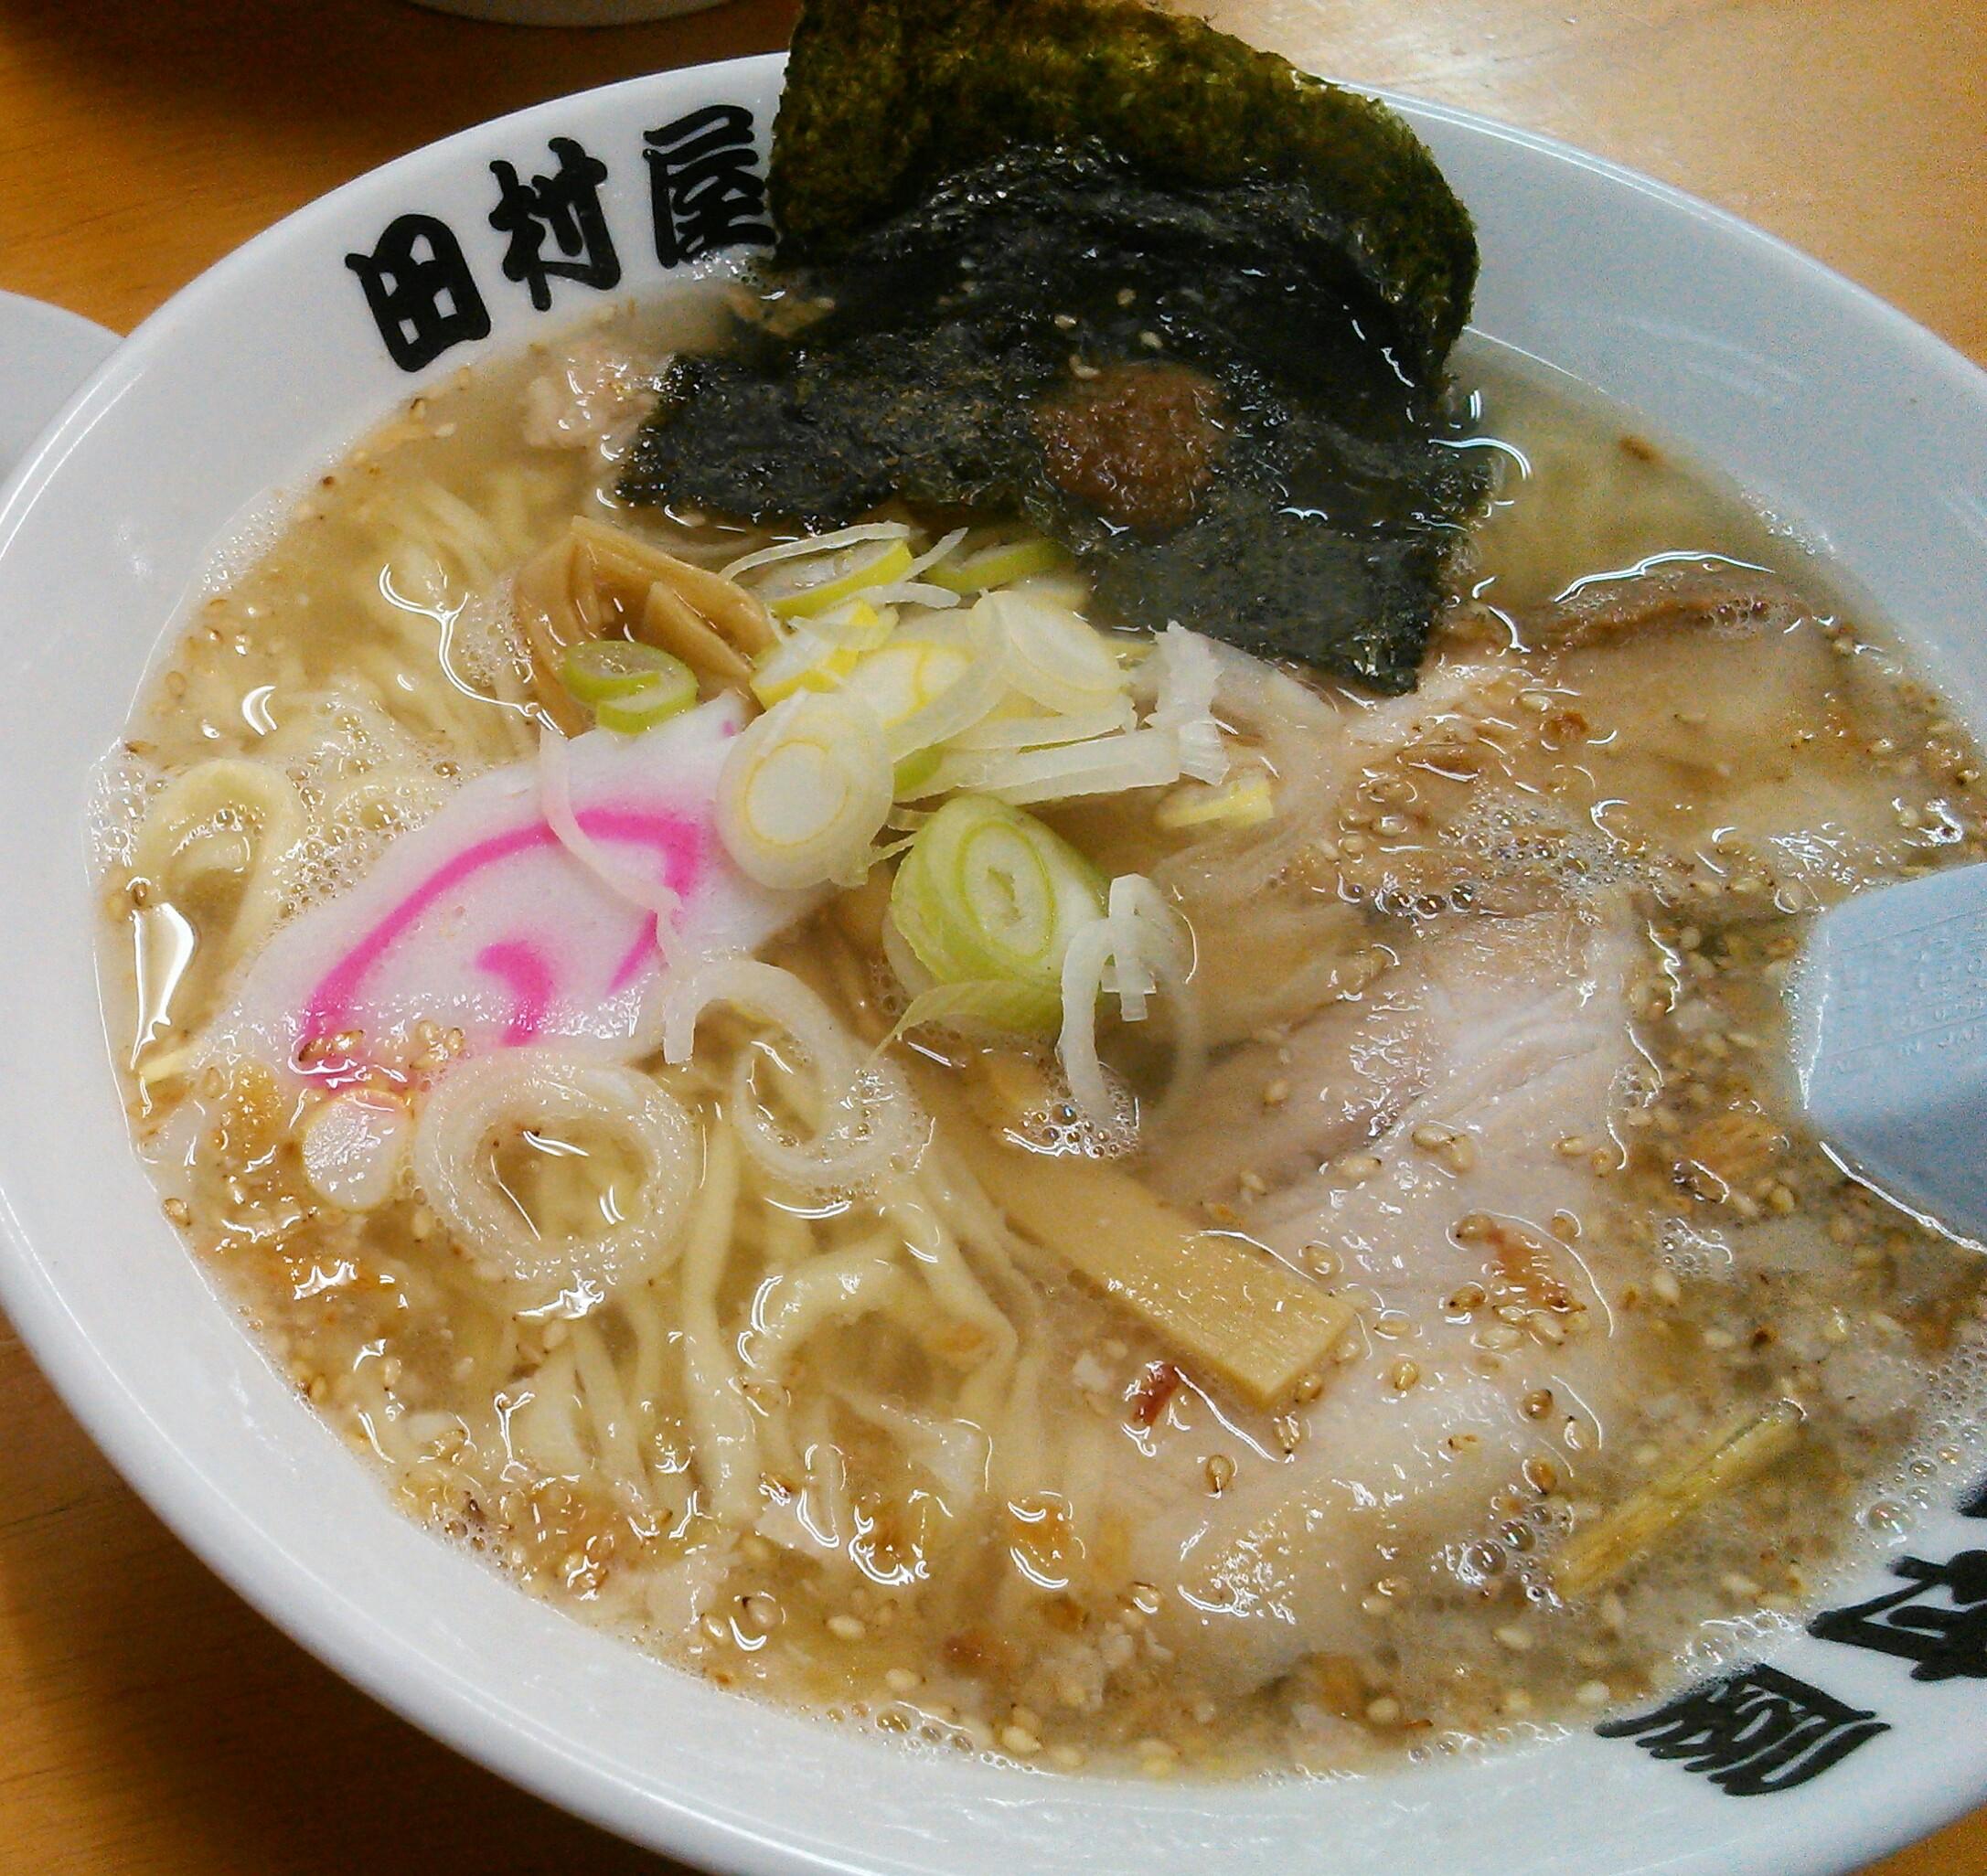 http://doppo.me/site/wp-content/uploads/2016/03/tamuraya.jpg